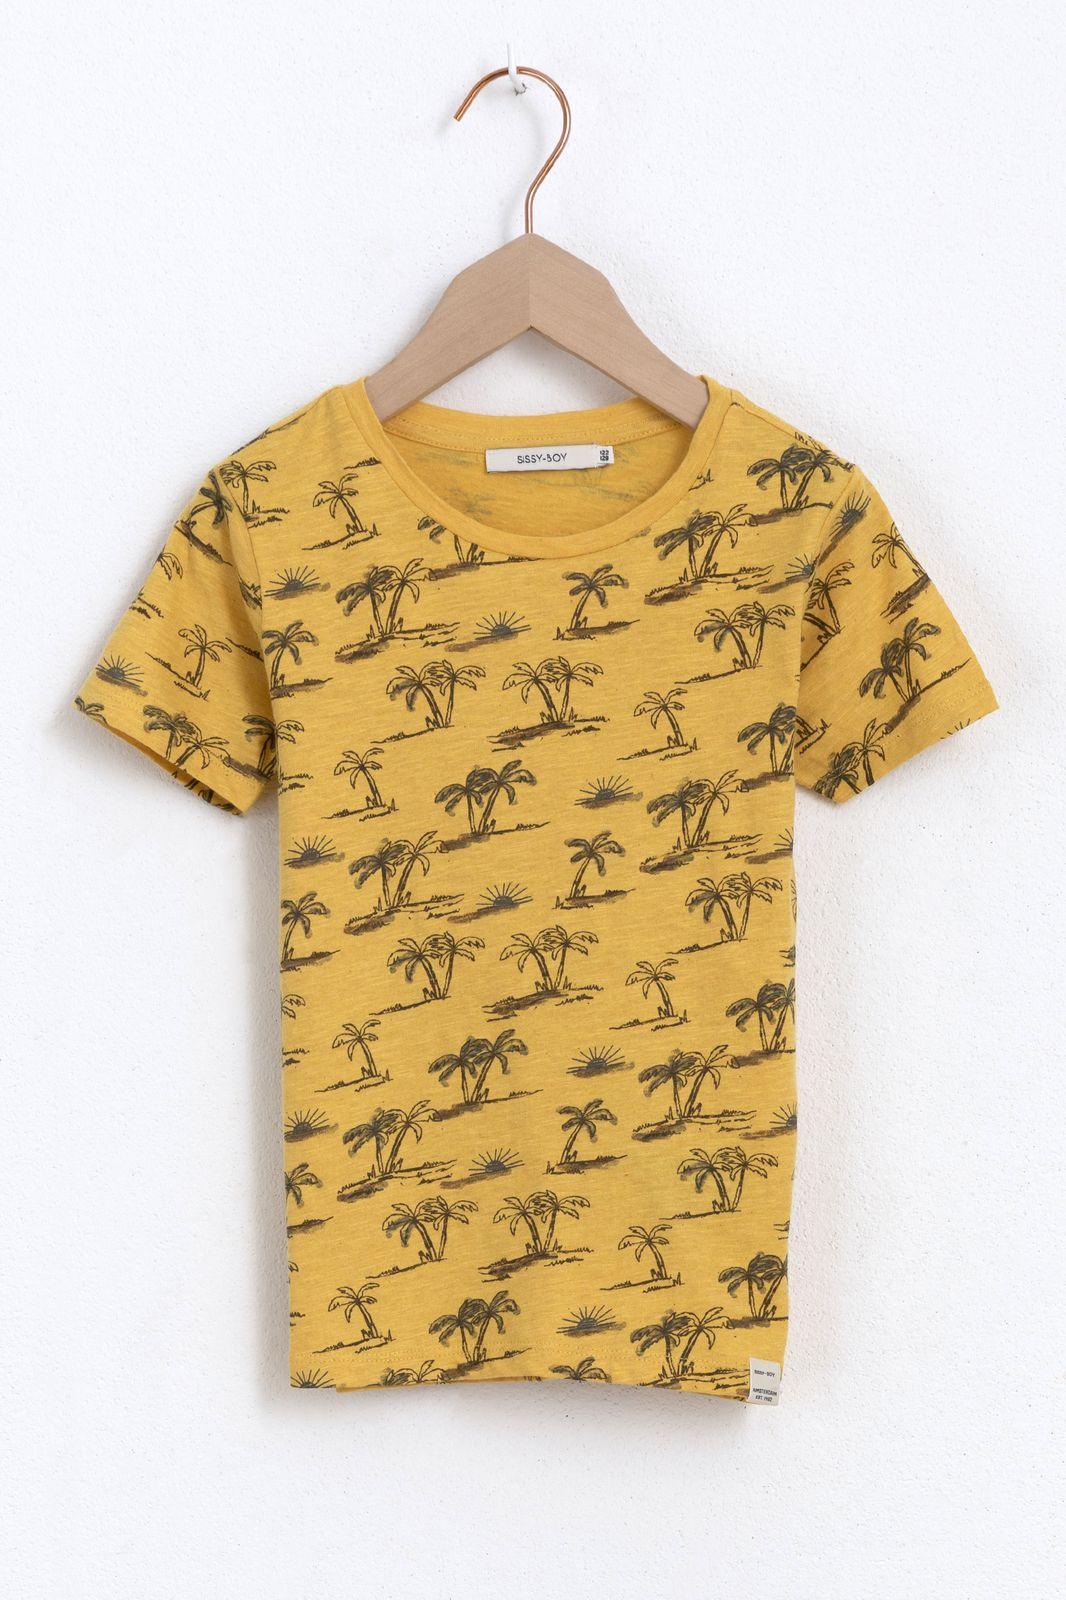 Geel T-shirt met korte mouw en palmbomen